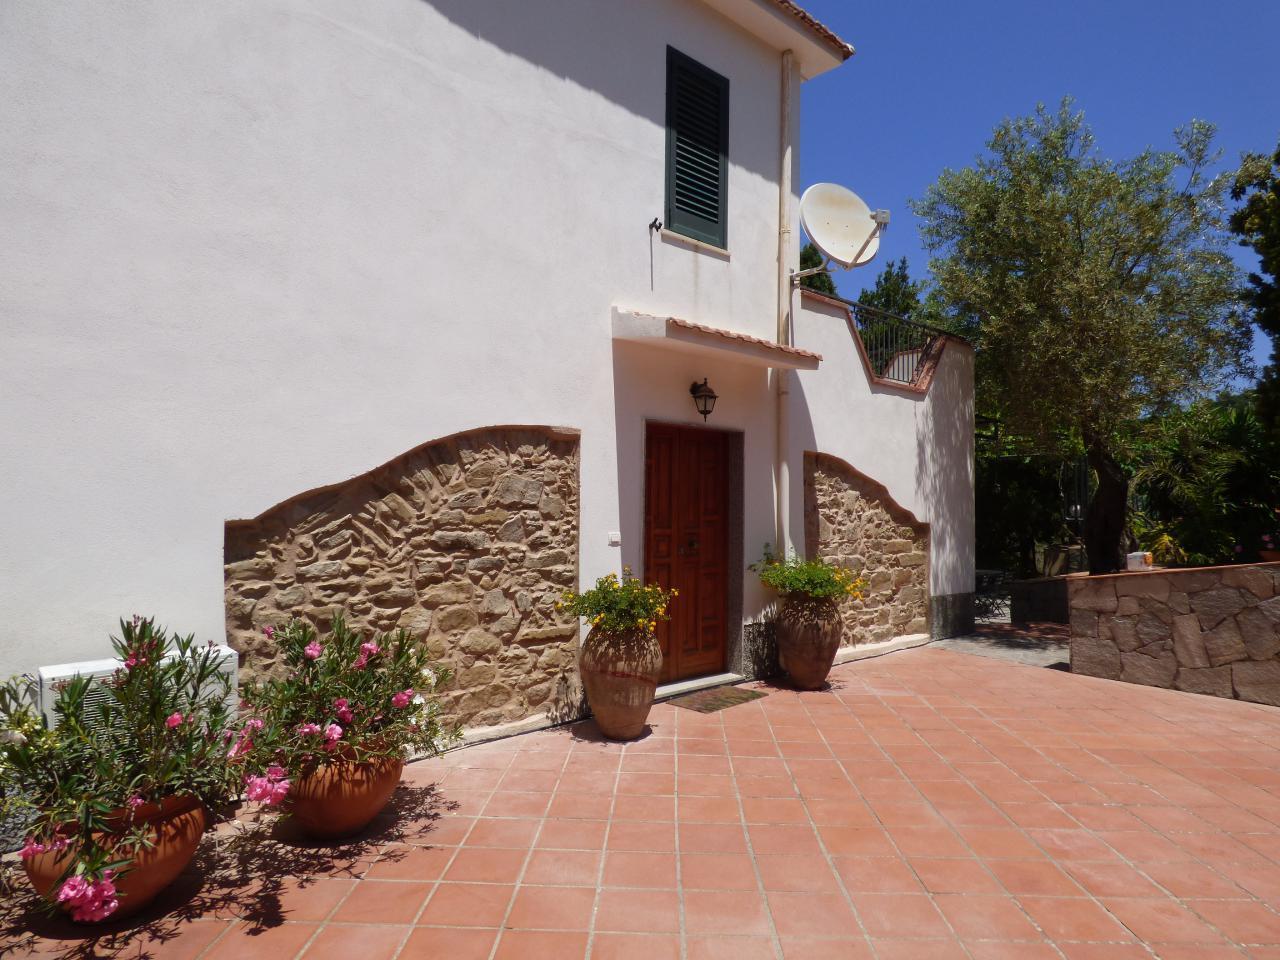 Ferienhaus Villa Maria ein schönes Landhaus in einer ruhigen und sonnige lage mit Blick auf den Eolie (482652), Patti, Messina, Sizilien, Italien, Bild 2